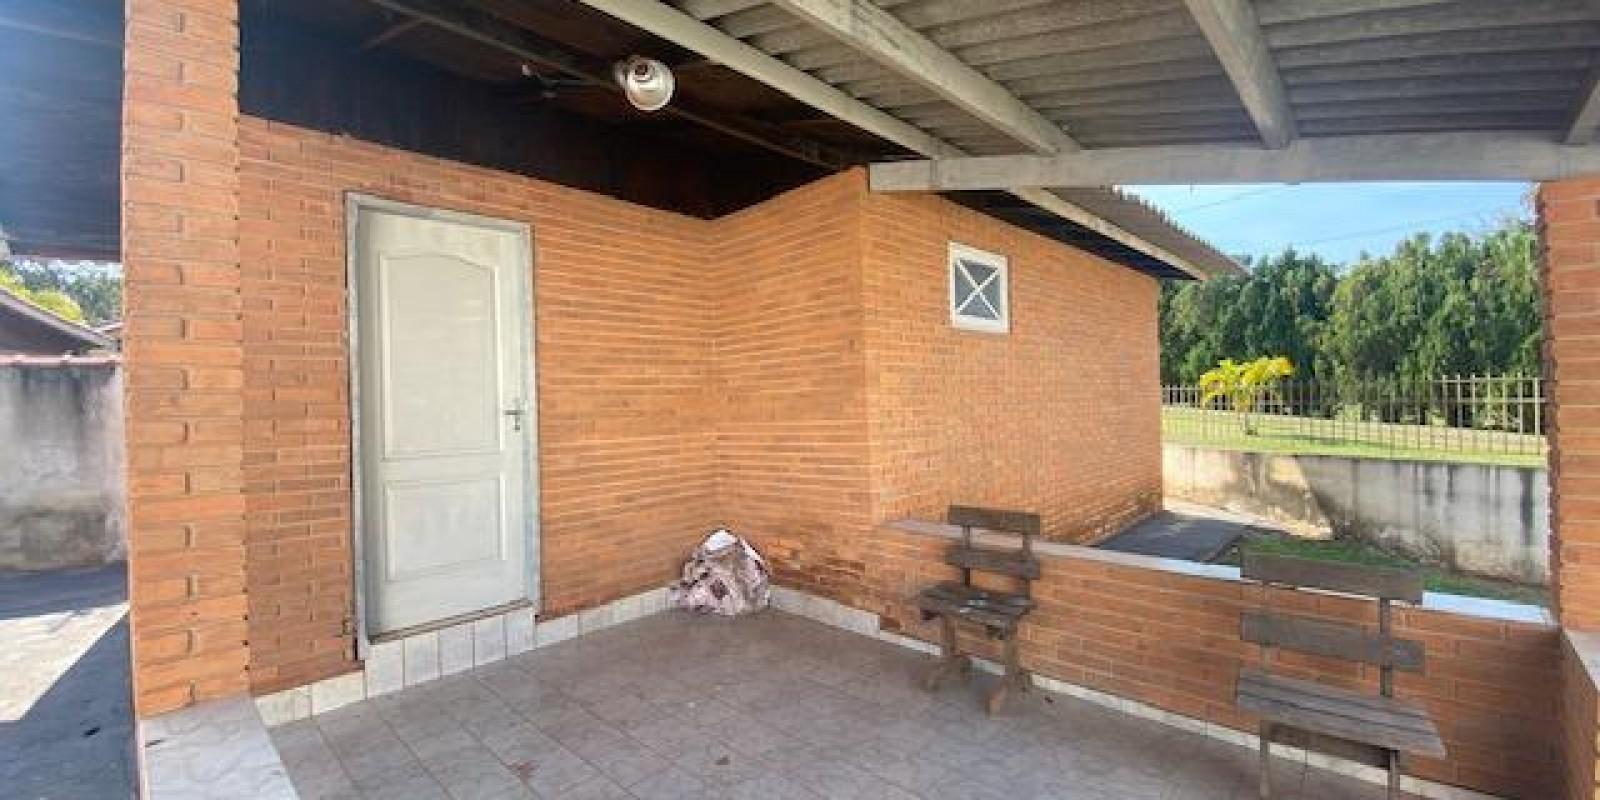 Casa na Represa no Condomínio Chale da Prainha em Avaré SP  - Foto 12 de 20